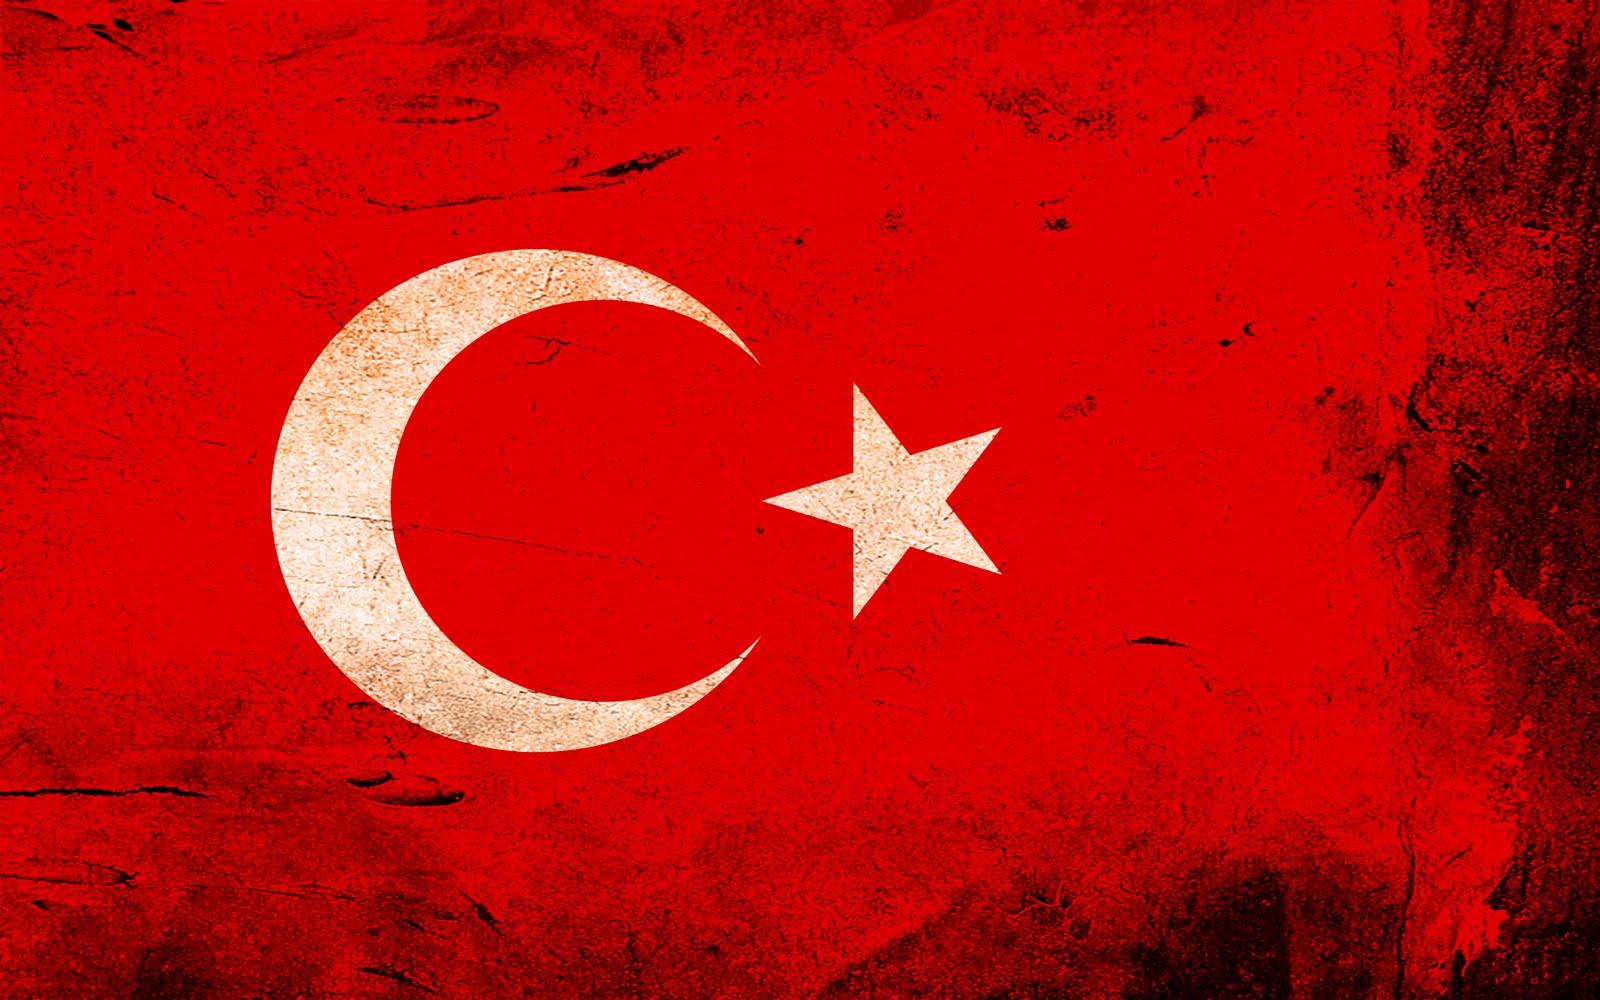 flag bayrak 12 Adet Güzel Türk bayrakları   Hd Resimler